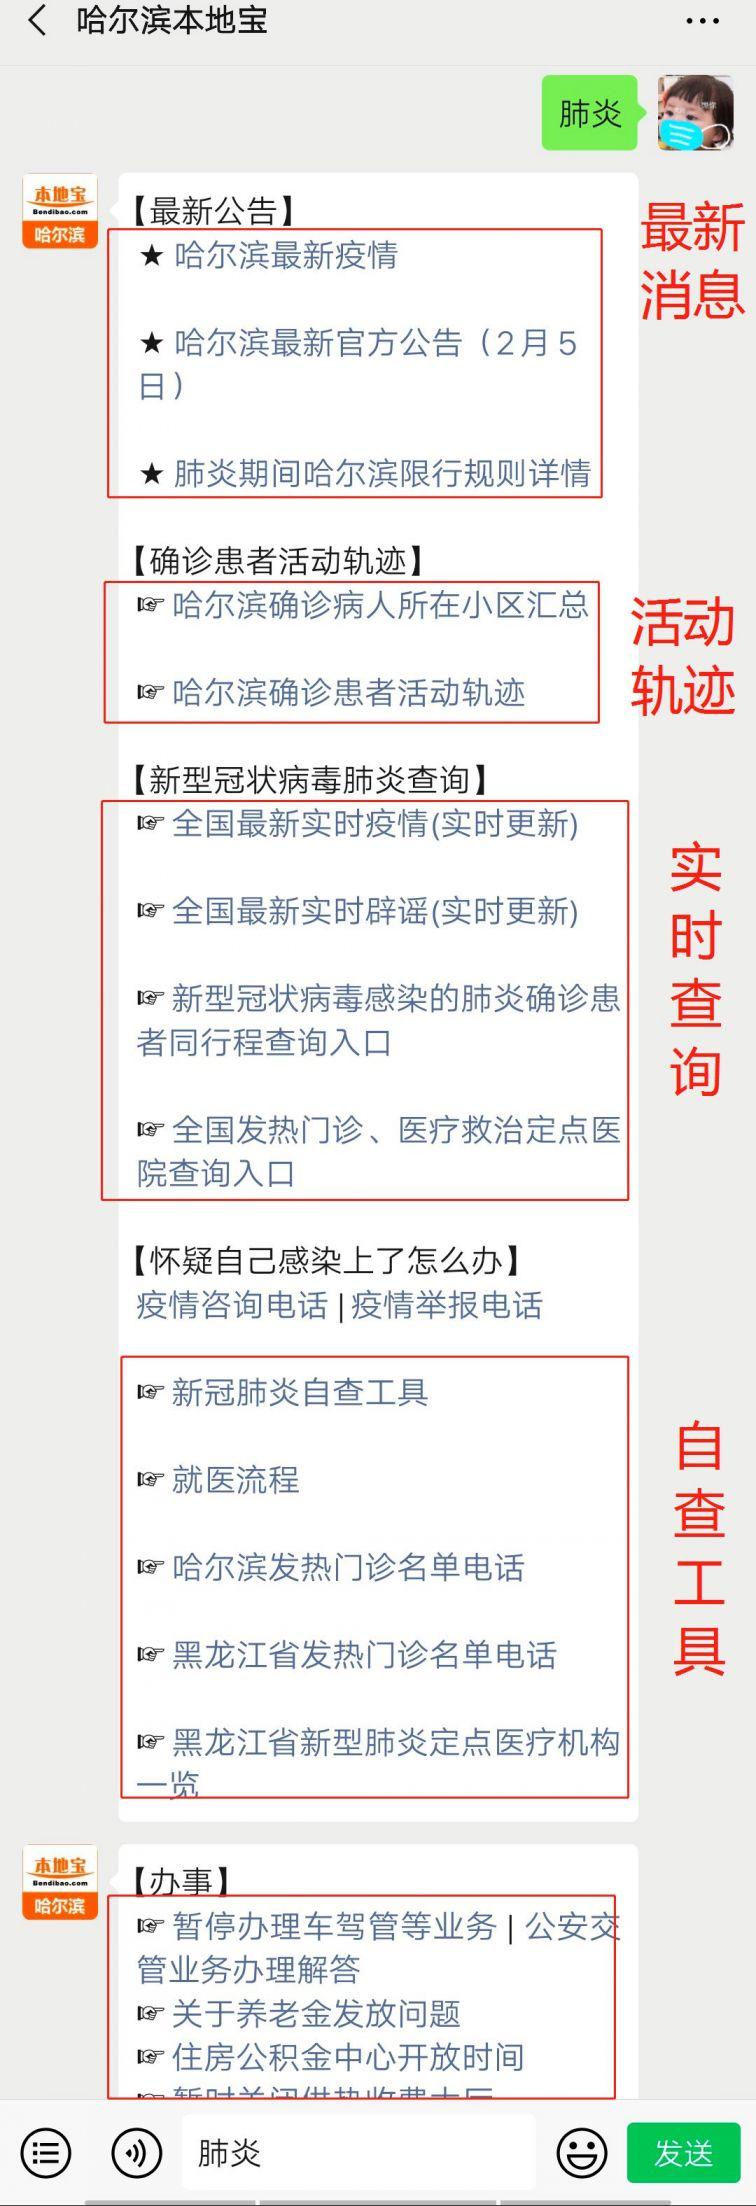 哈尔滨新型冠状病毒最新消息(持续更新)